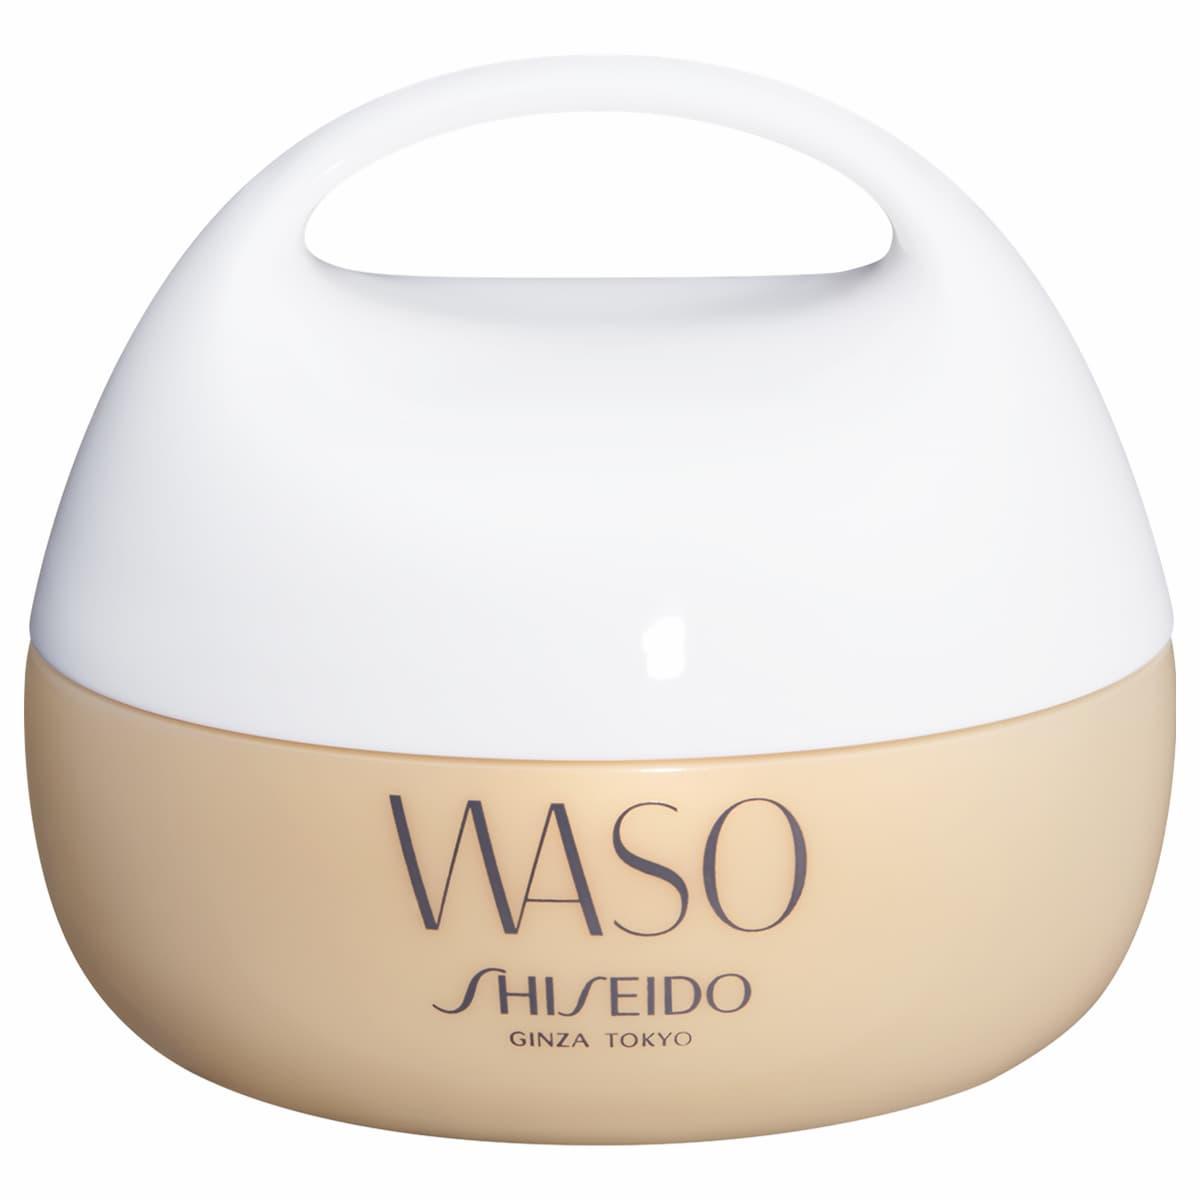 Waso Crème Ultra-hydratante Riche - Shiseido